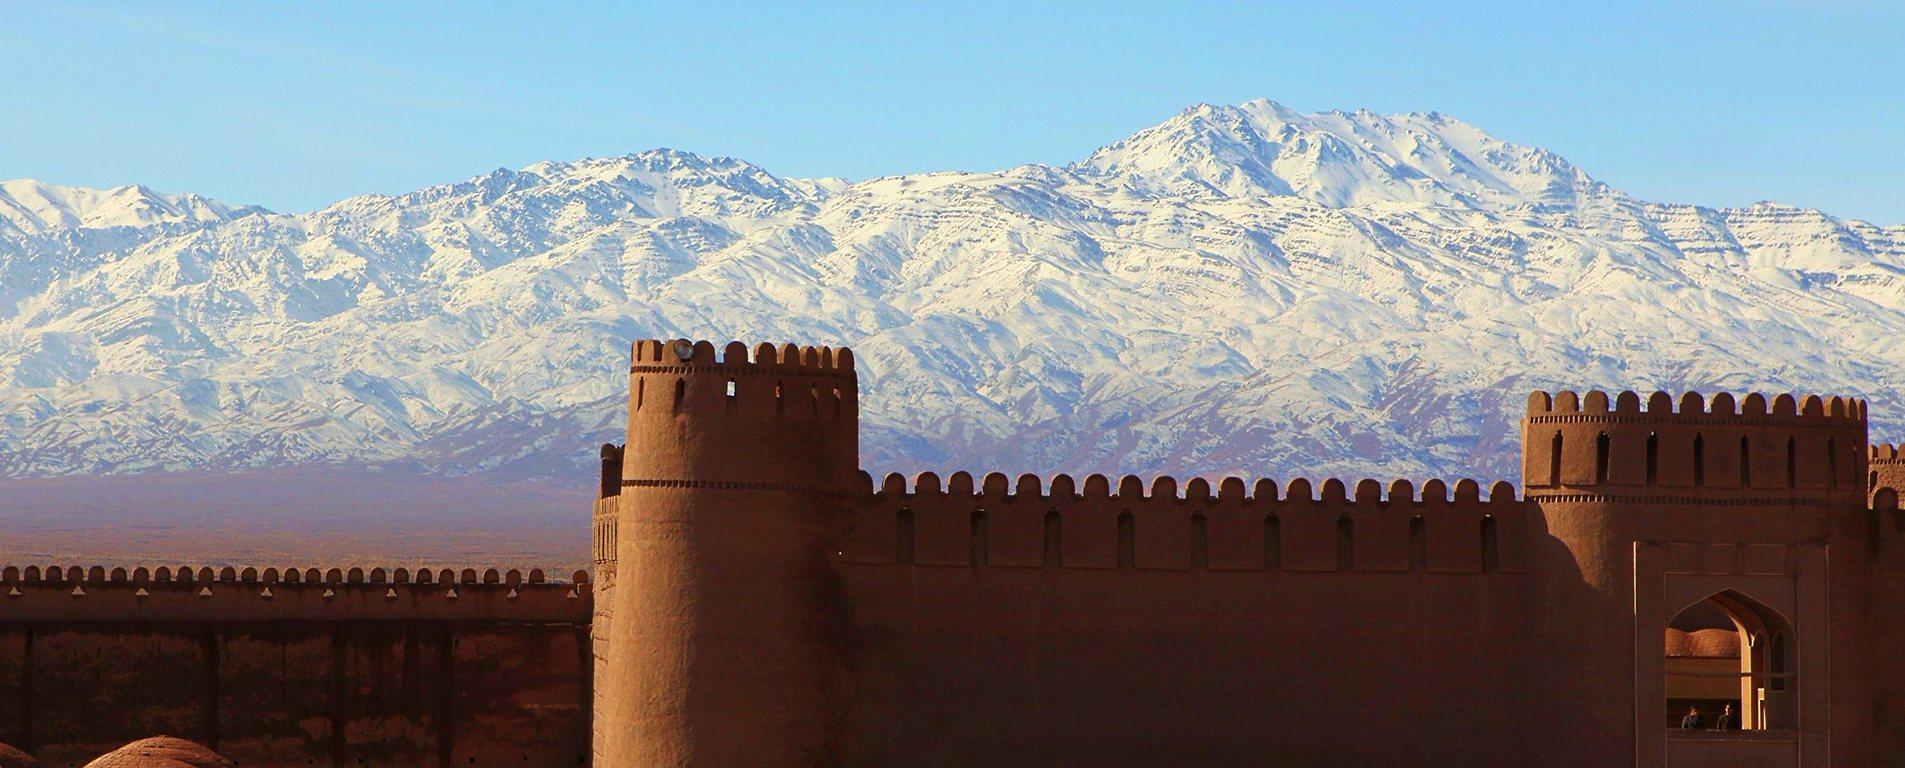 هتل های کرمان ، اقامت در دیار تاریخی ایرانزمین